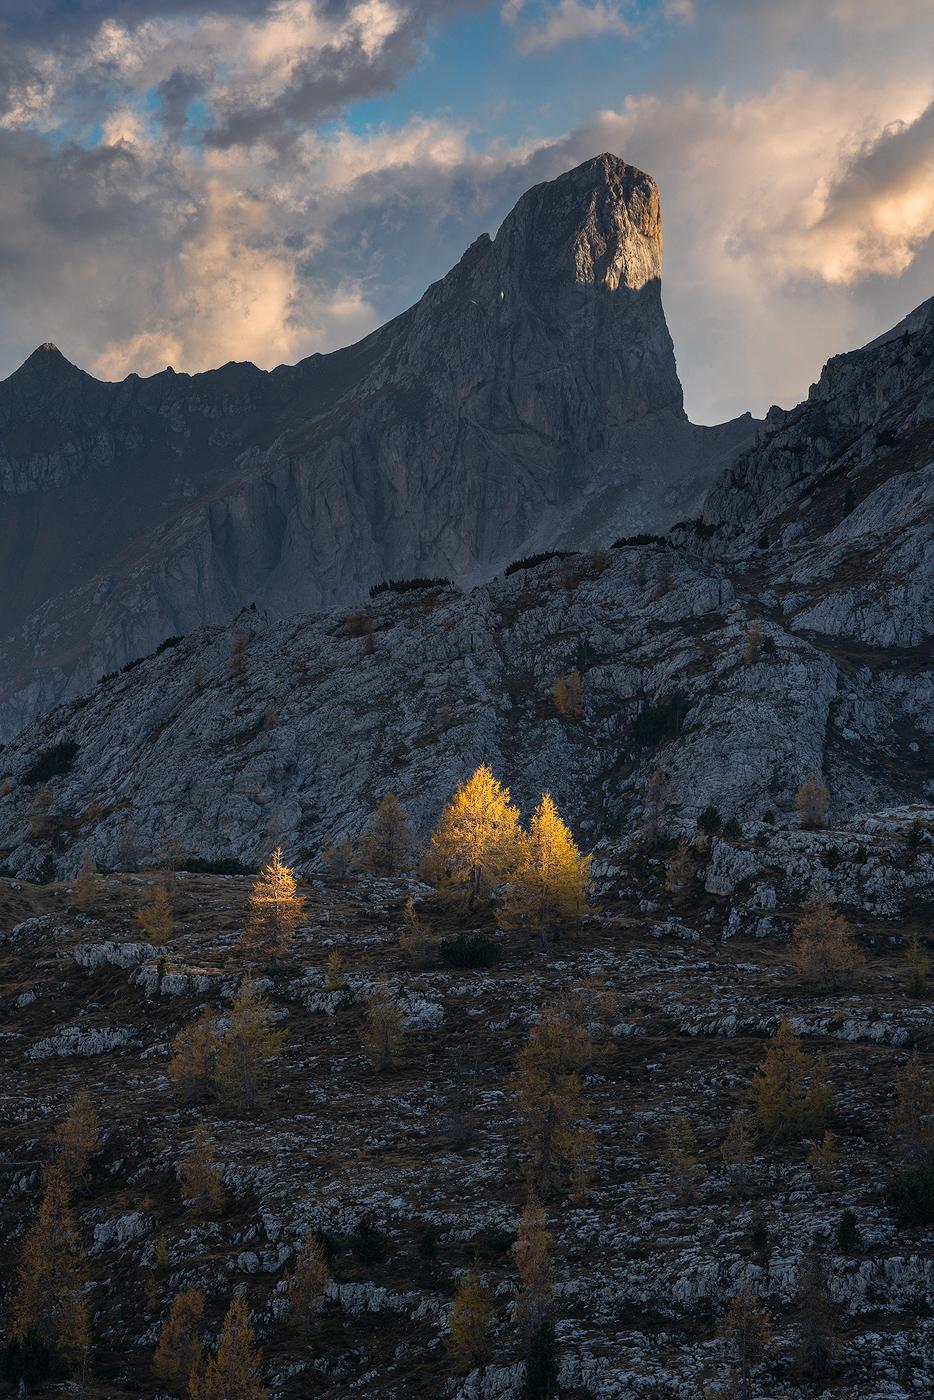 dolomites-italie-spots-nicolas-rottiers-photographe-paysages-caen-normandie